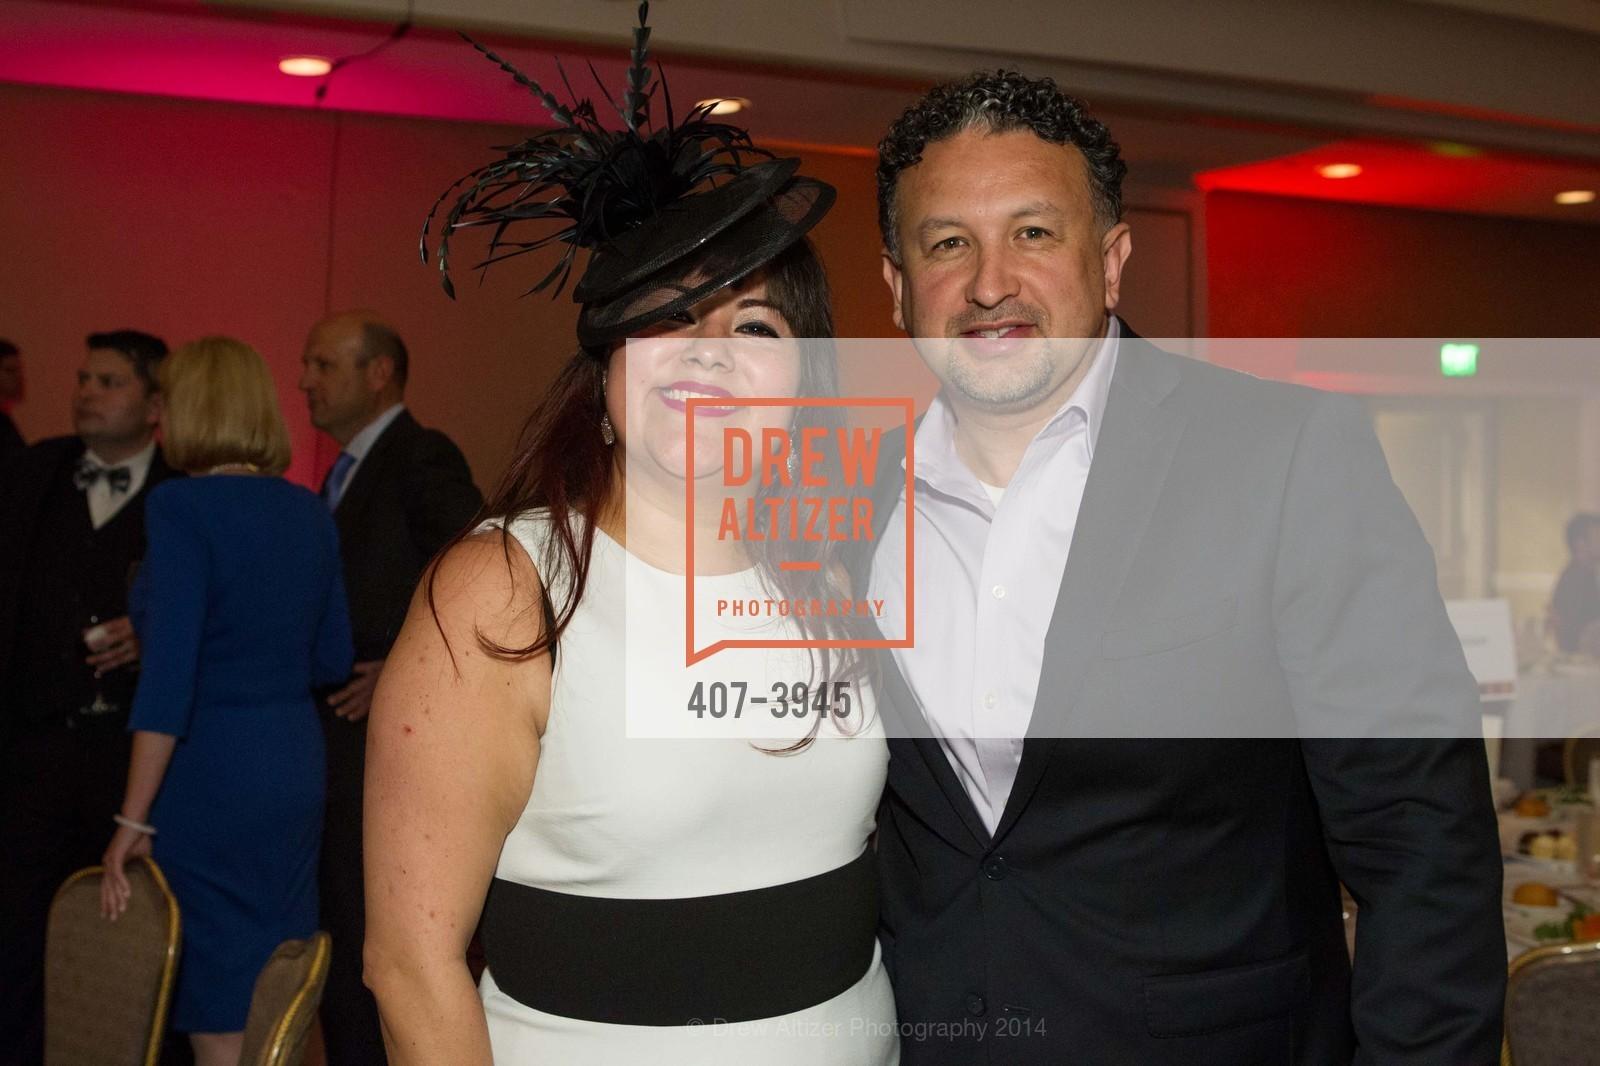 Ani Rivera, Miguel Bustos, Photo #407-3945